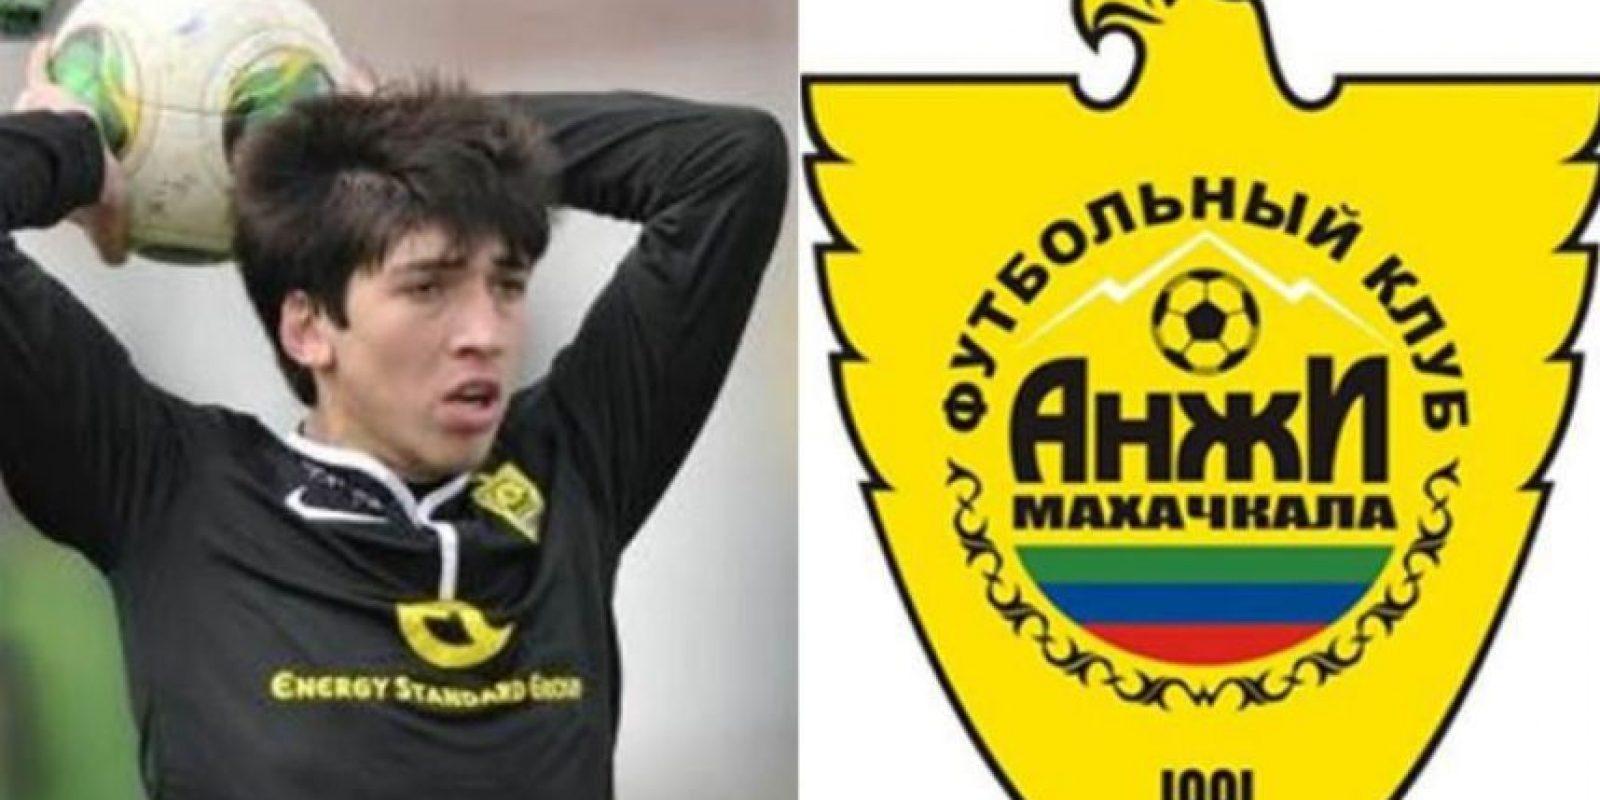 Hassan Magomedov perdió la vida a los 20 años Foto:Twitter